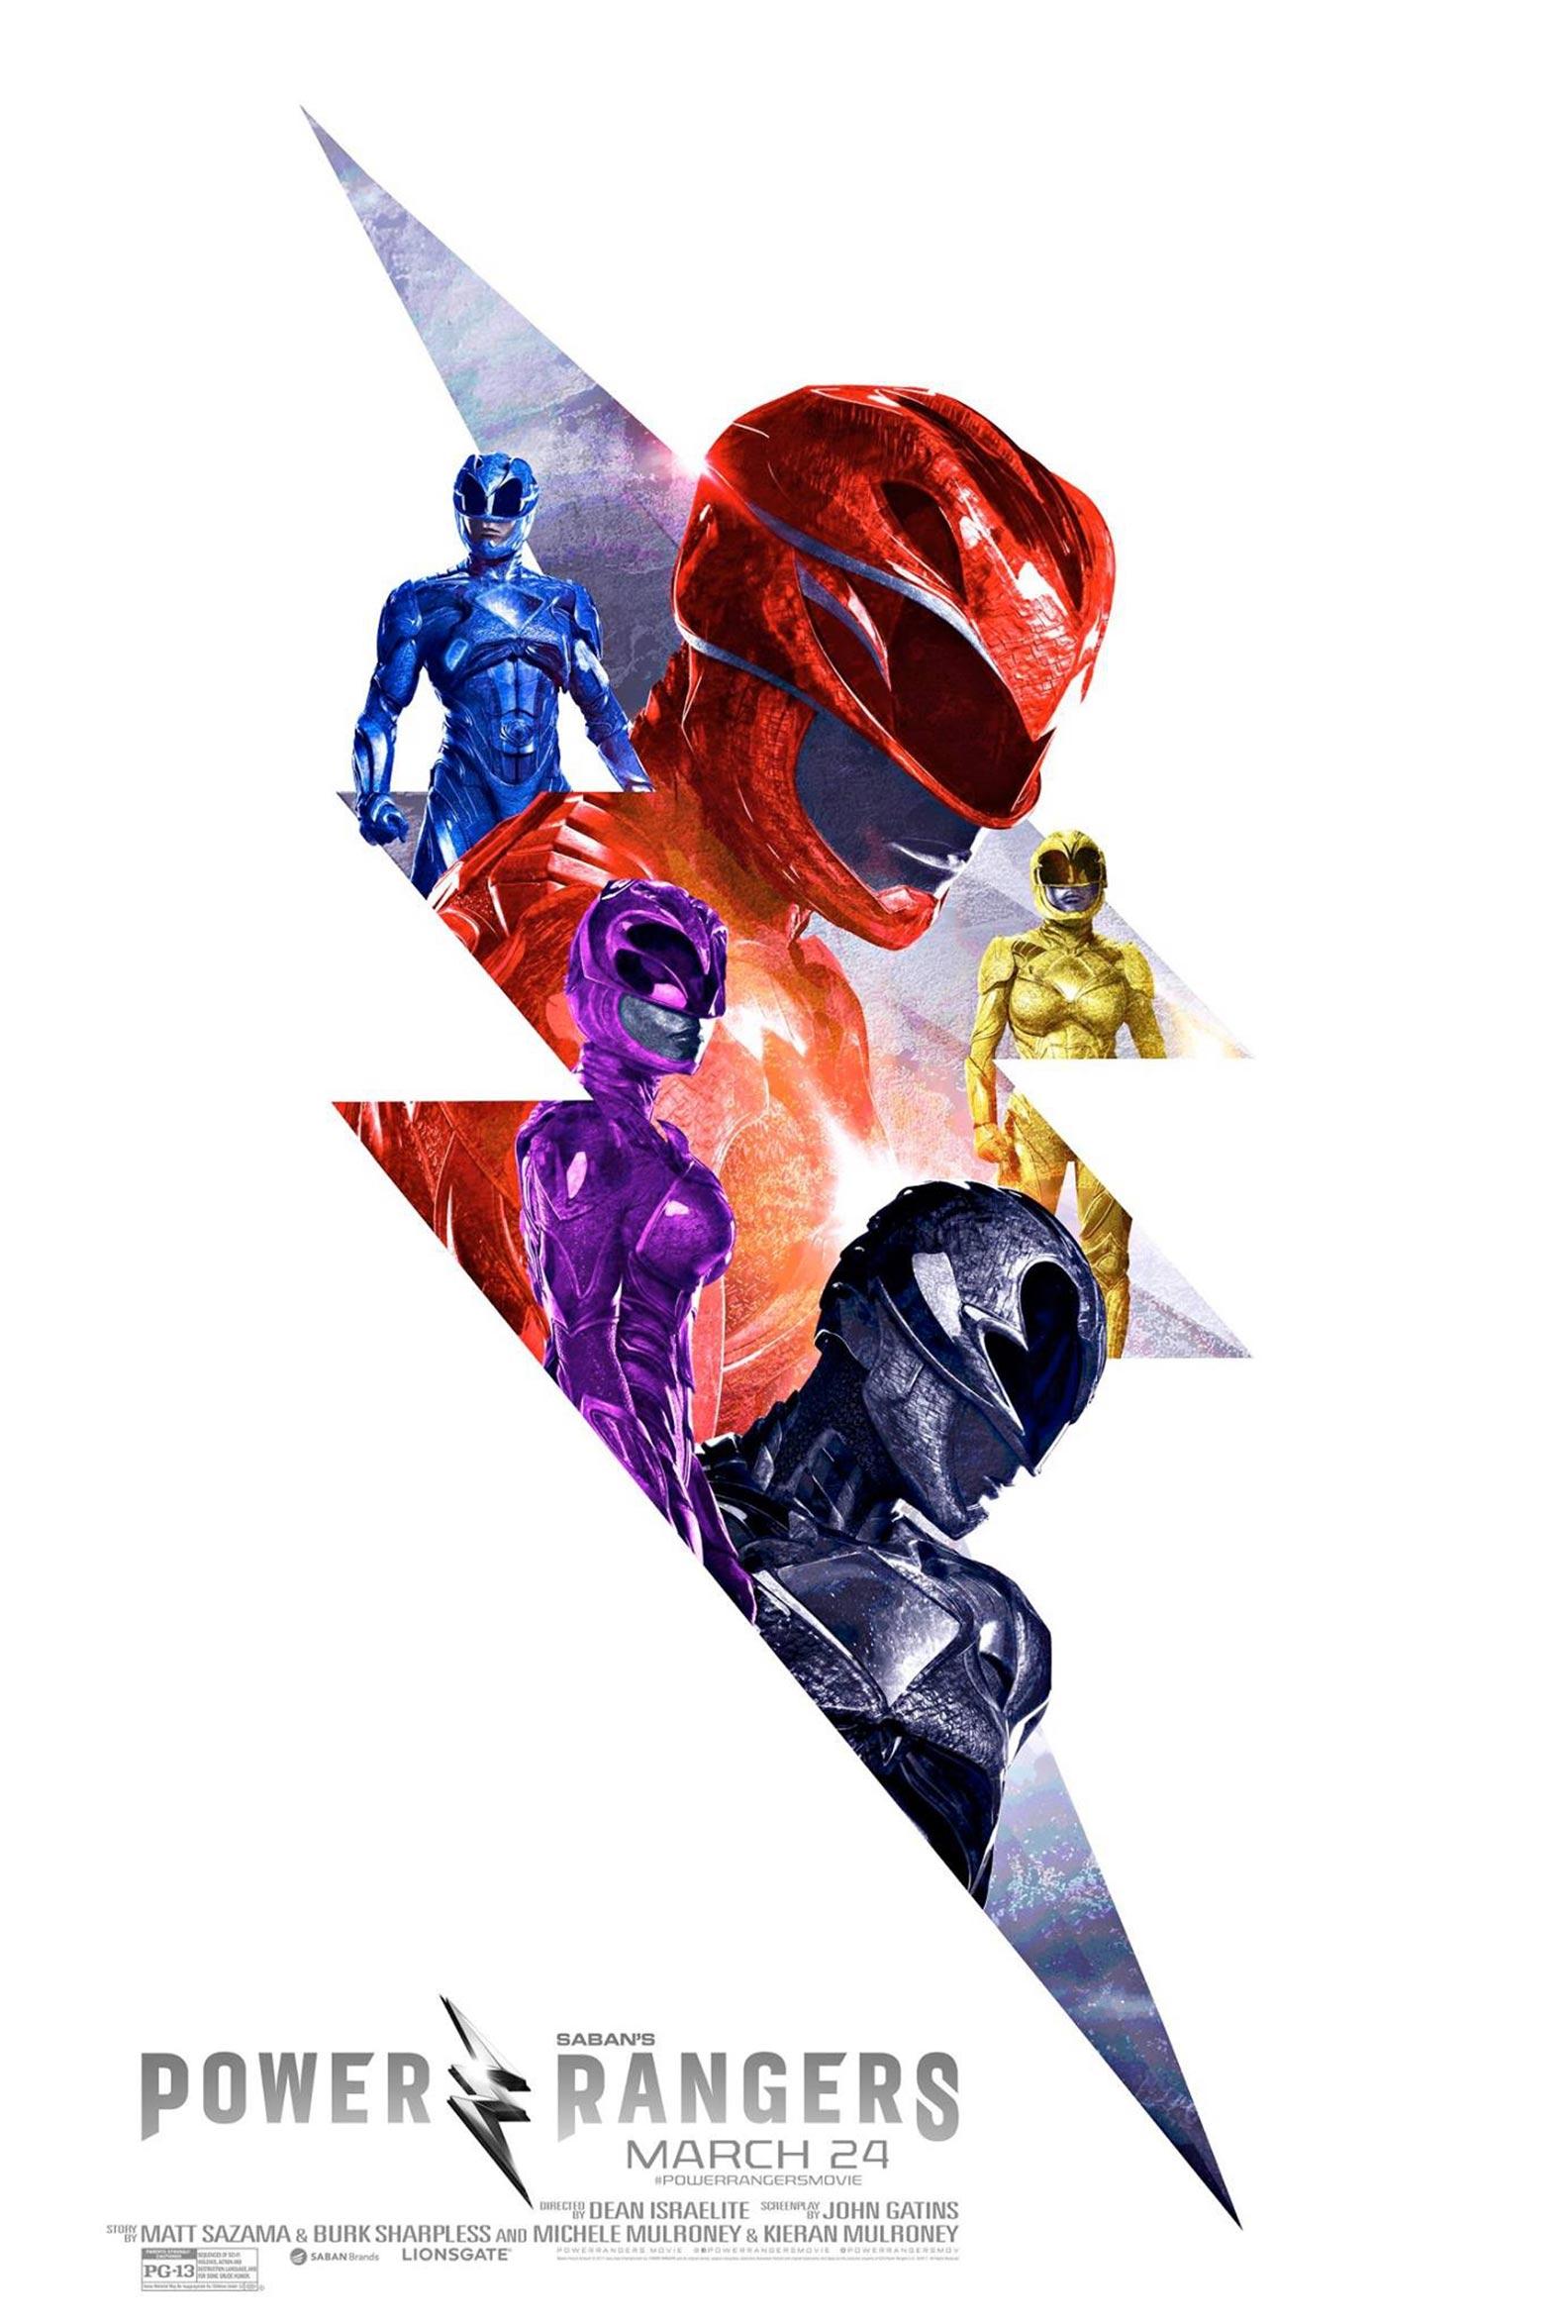 Power Rangers Poster #28